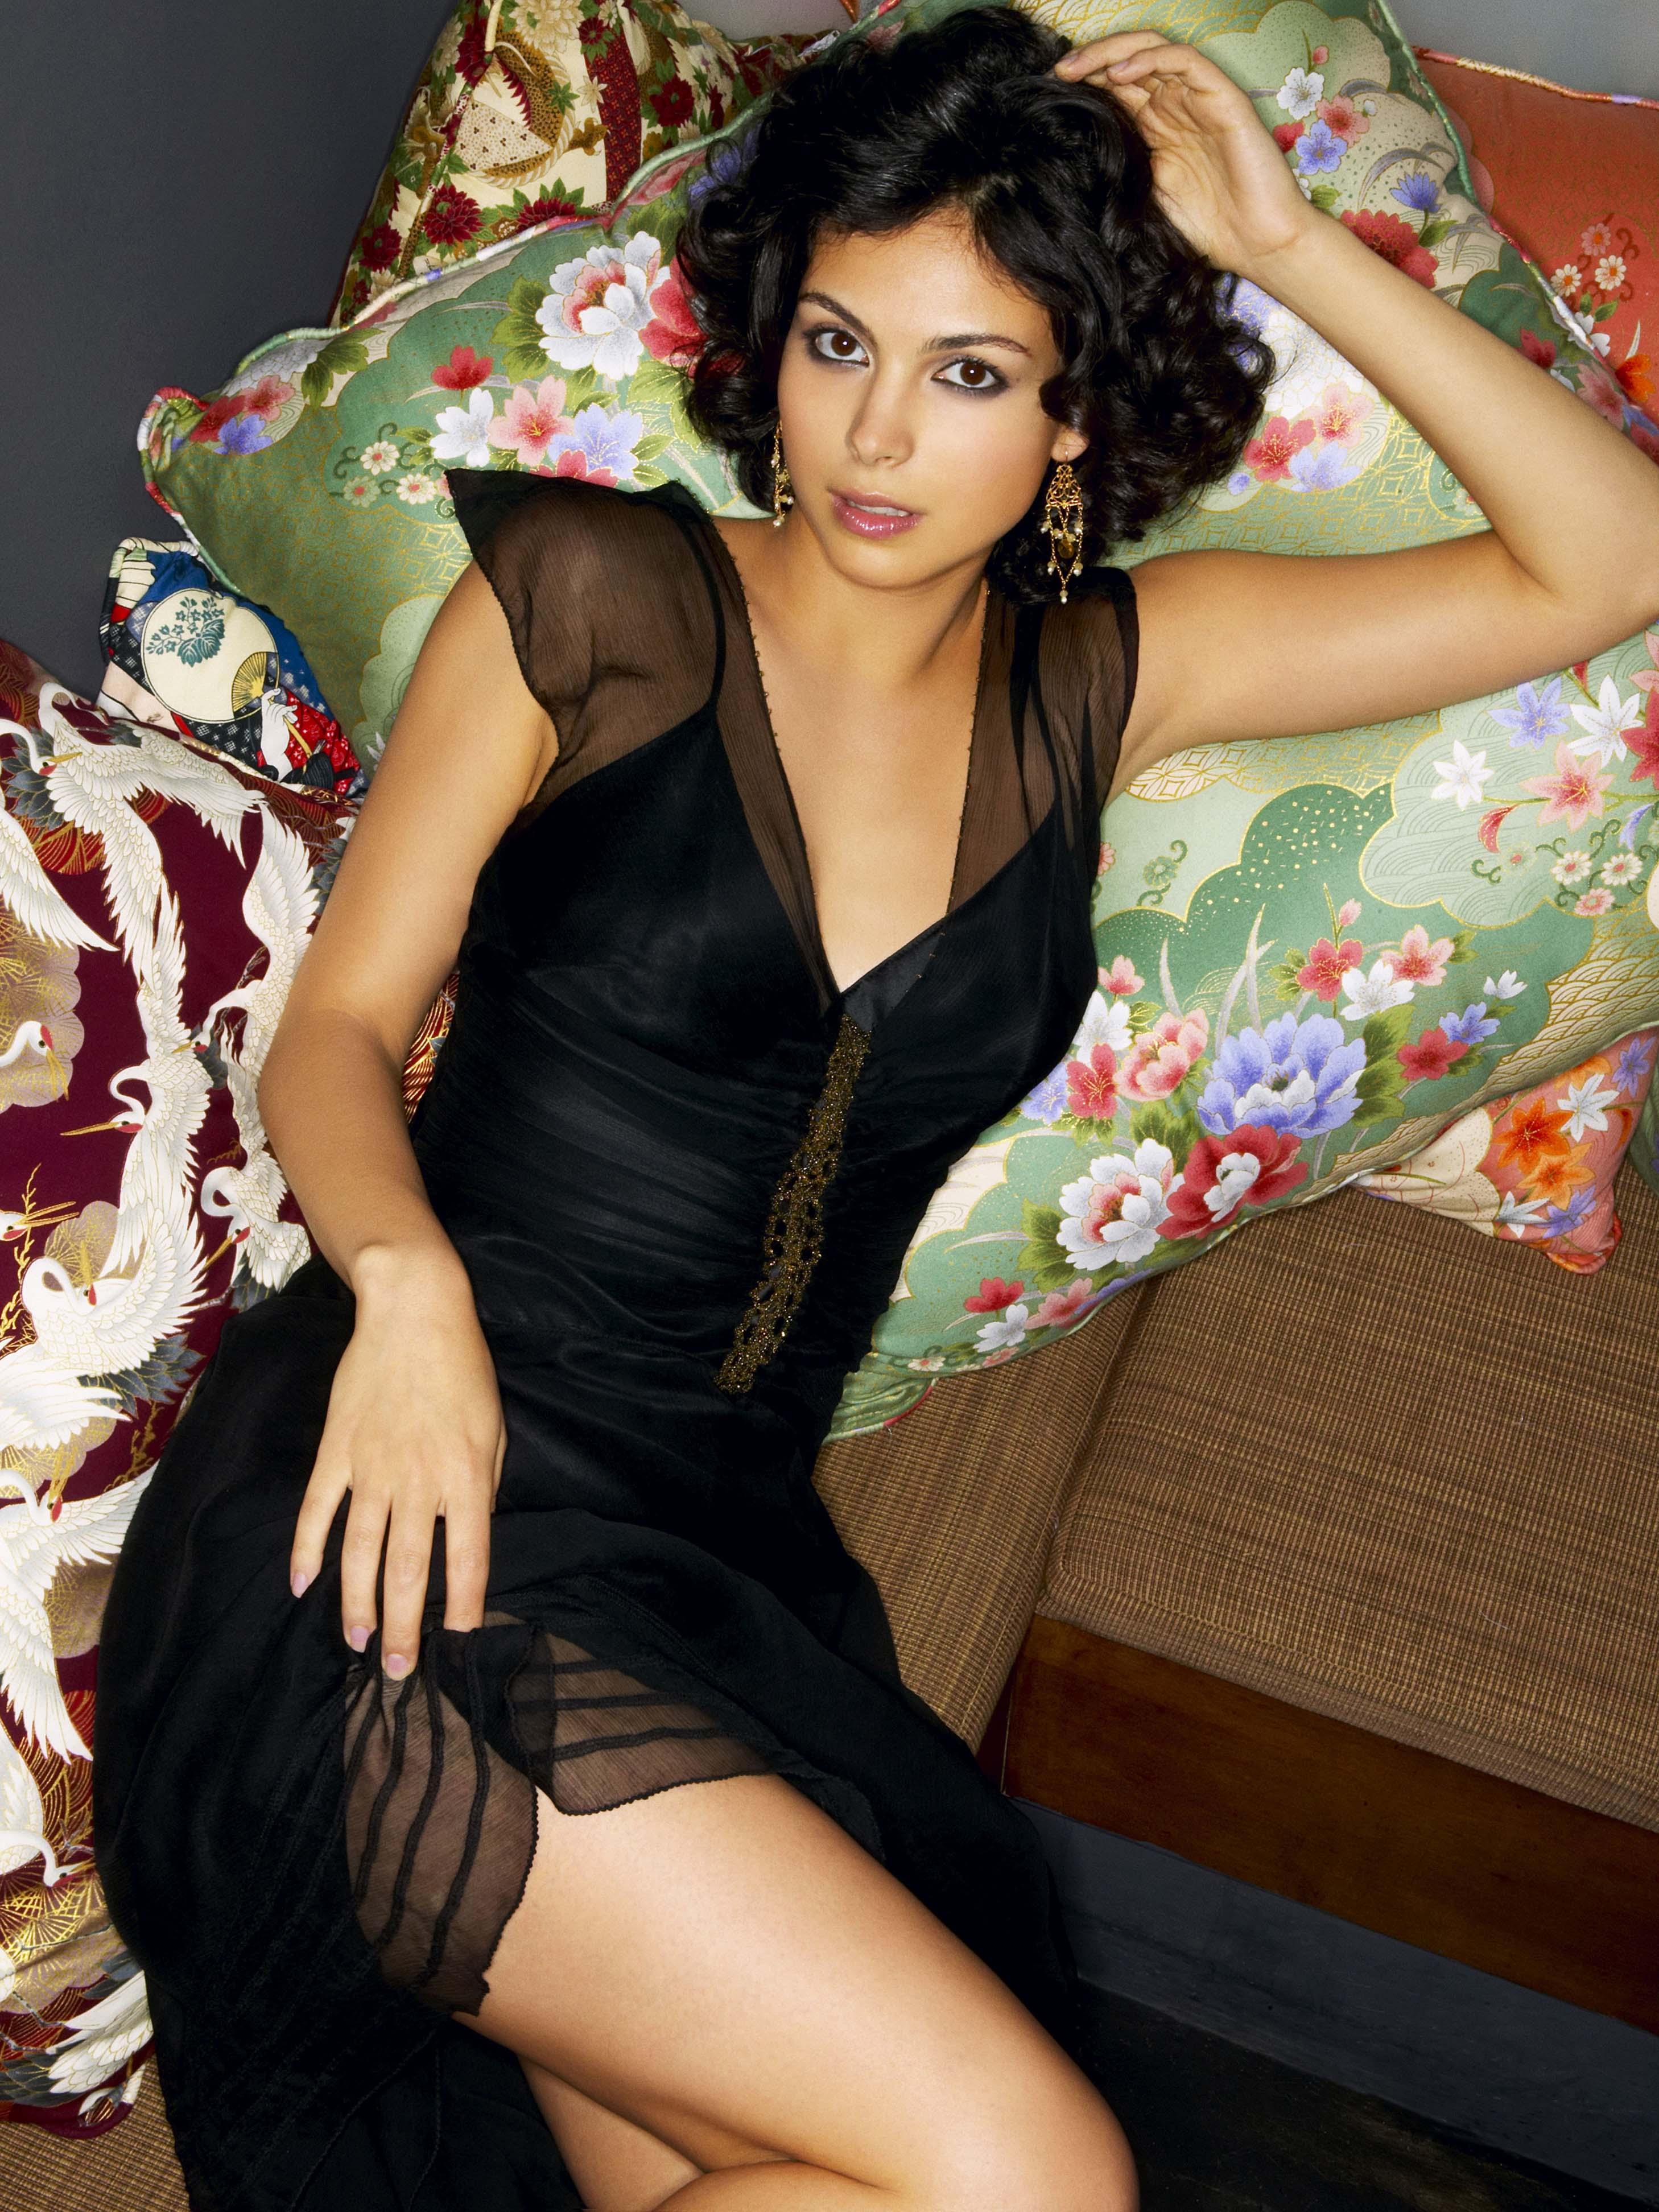 Morena Baccarin en mini-robe décolletée